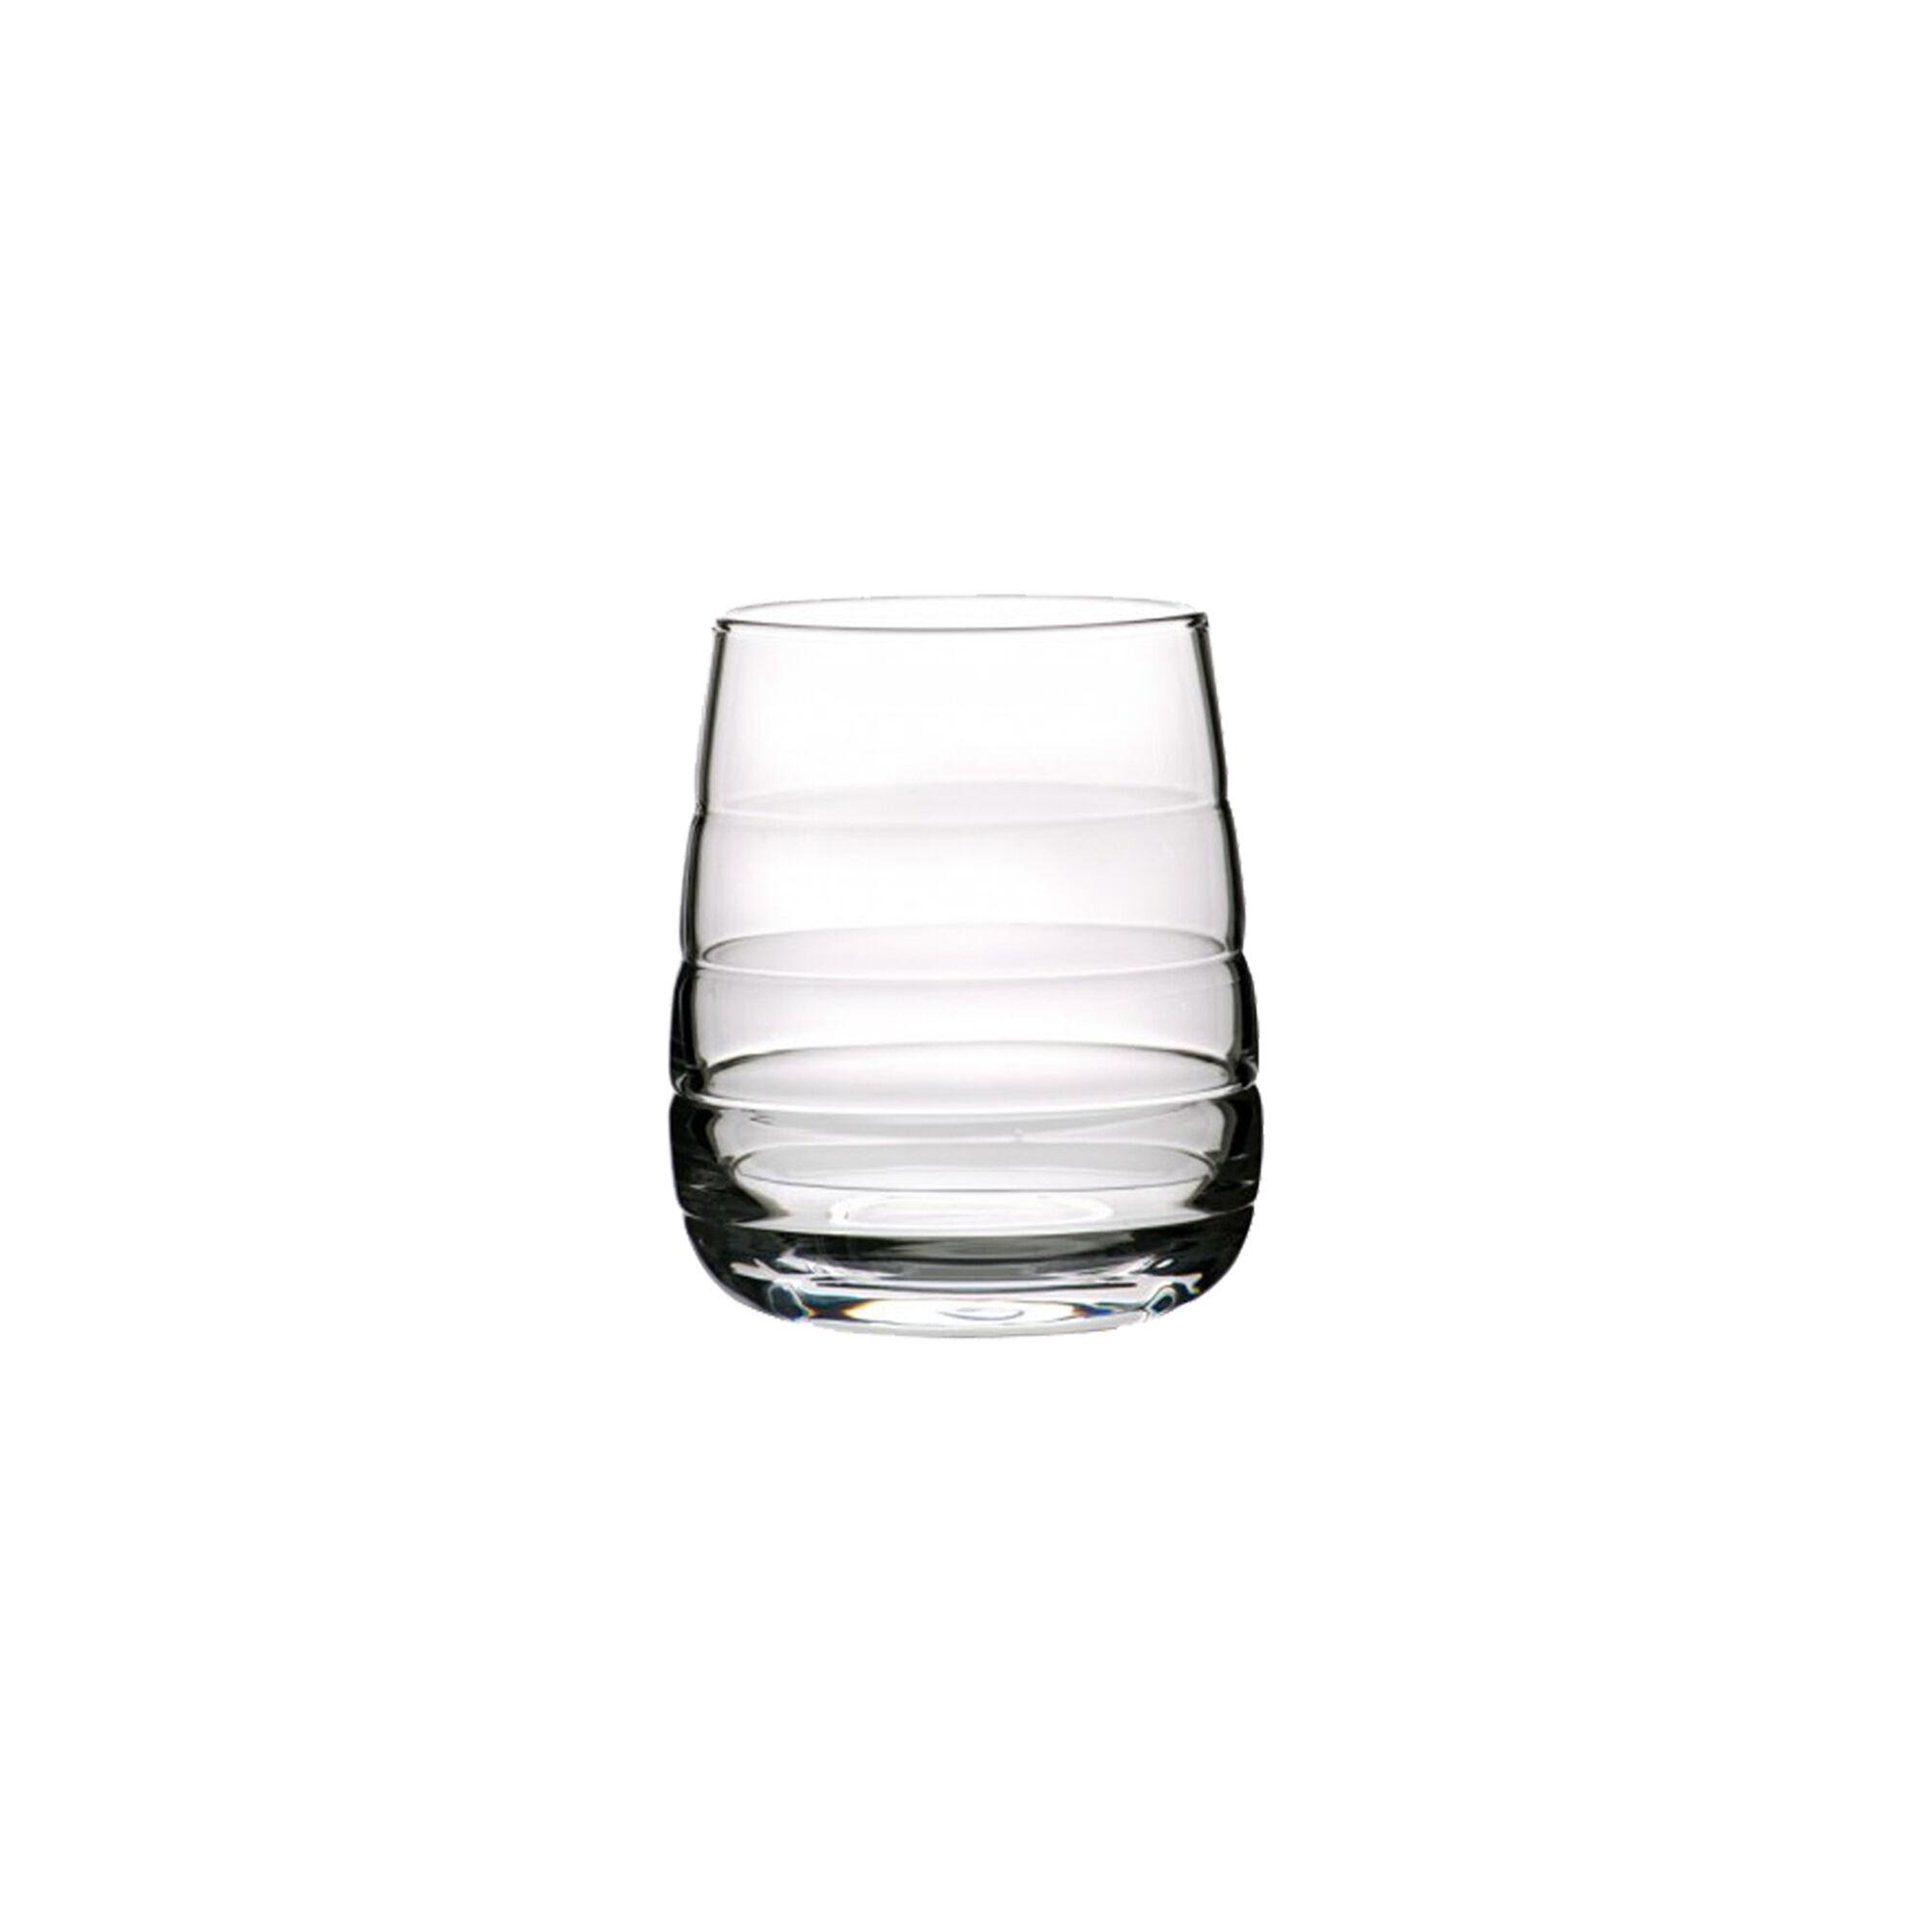 Sibo Homeconcept Gobelet en verre soufflé bouche 35 cl - Lot de 6